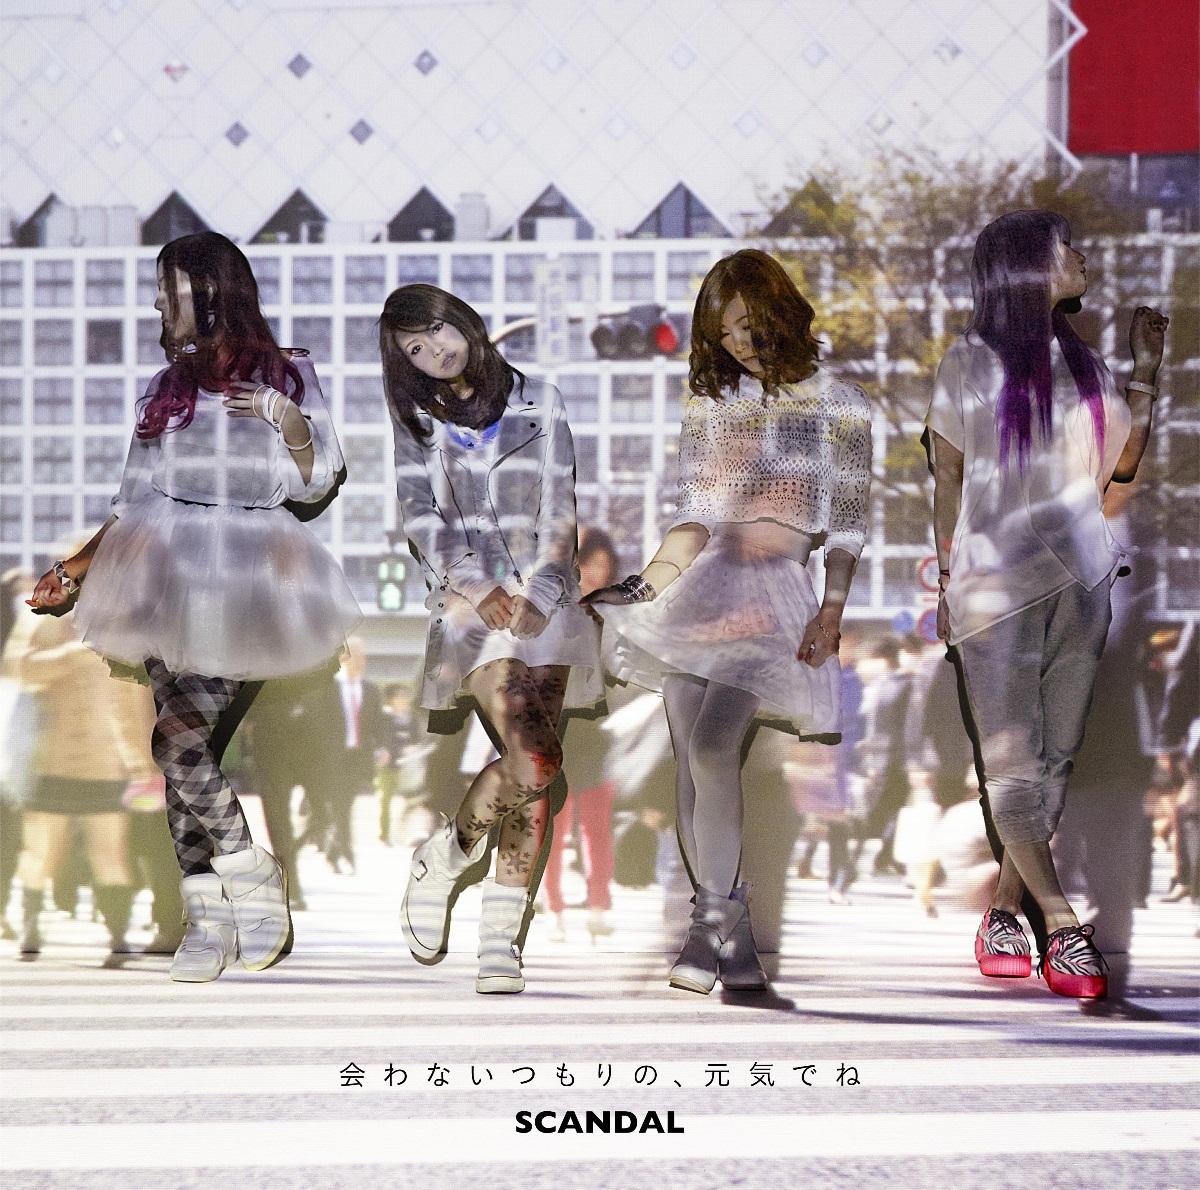 SCANDAL Awanaitsumorino,Genki dene CD-DVD Limited Edition Type B